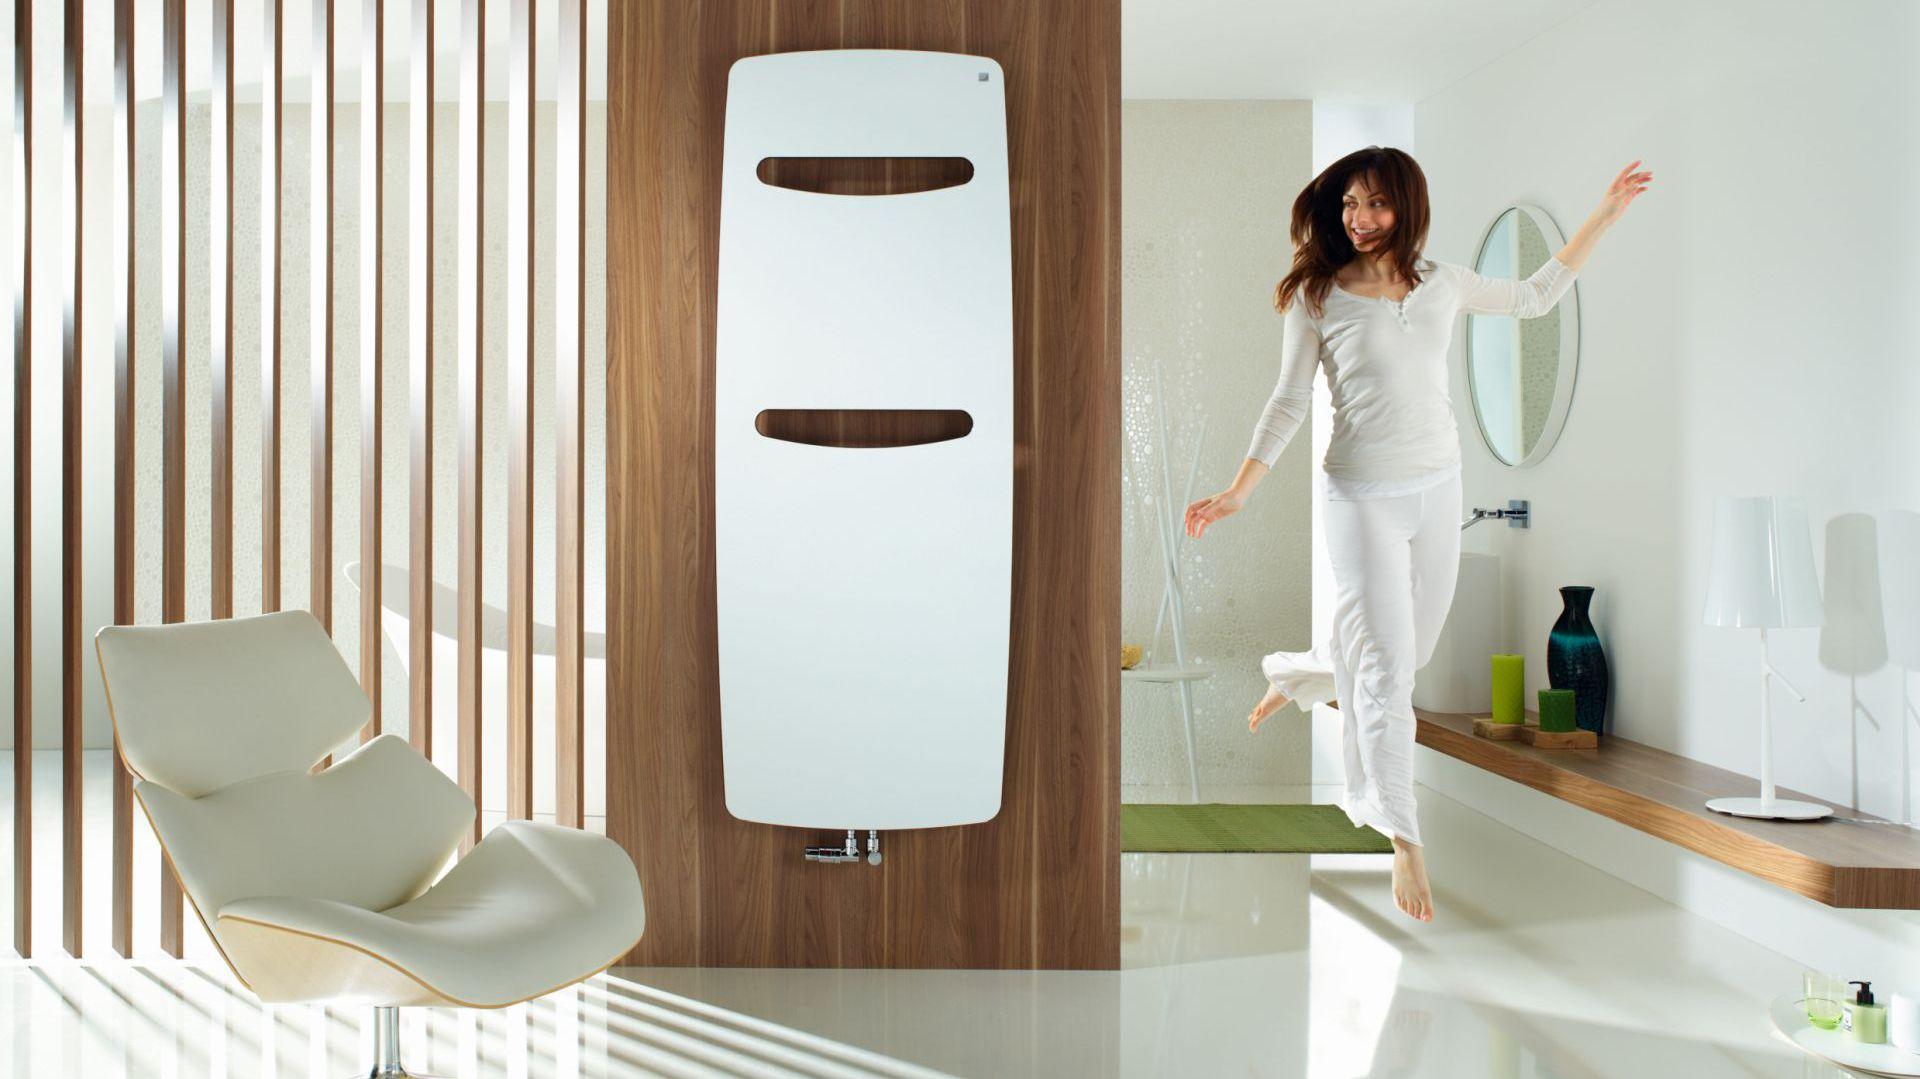 Niepowtarzalny kształt, innowacyjna technologia i wysoka sprawność energetyczna sprawiają, że grzejnik Vitalo Spa doskonale wpisuje się w aktualne trendy. Wycięcia służące do zawieszania ręczników to piękno i użyteczność zarazem.  Fot. Zehnder